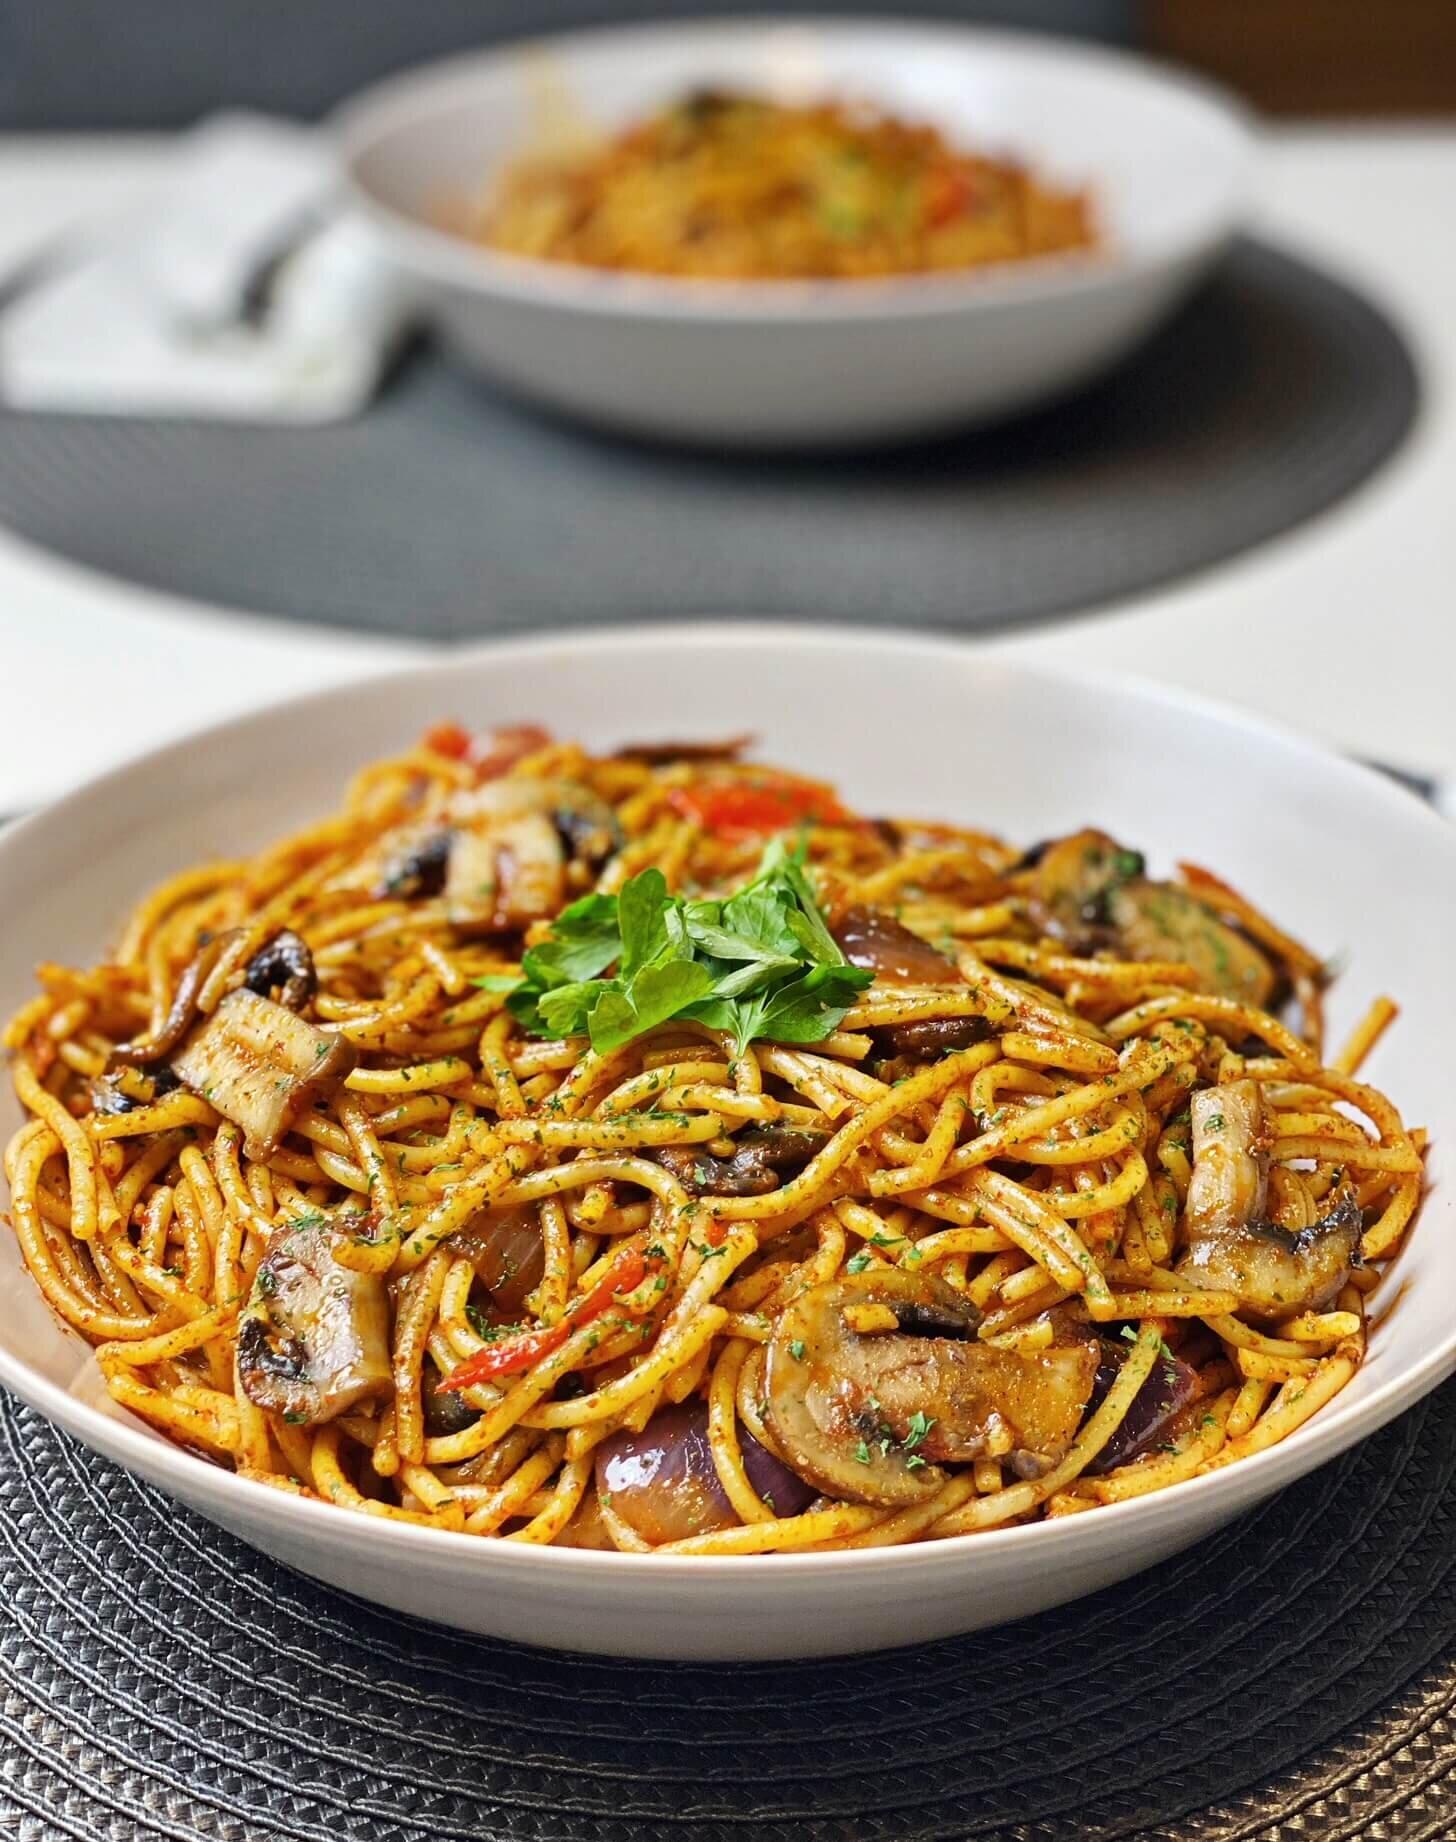 Spaghetti Aglio E Olio With Spicy Mushrooms Voach The Vegan Coach